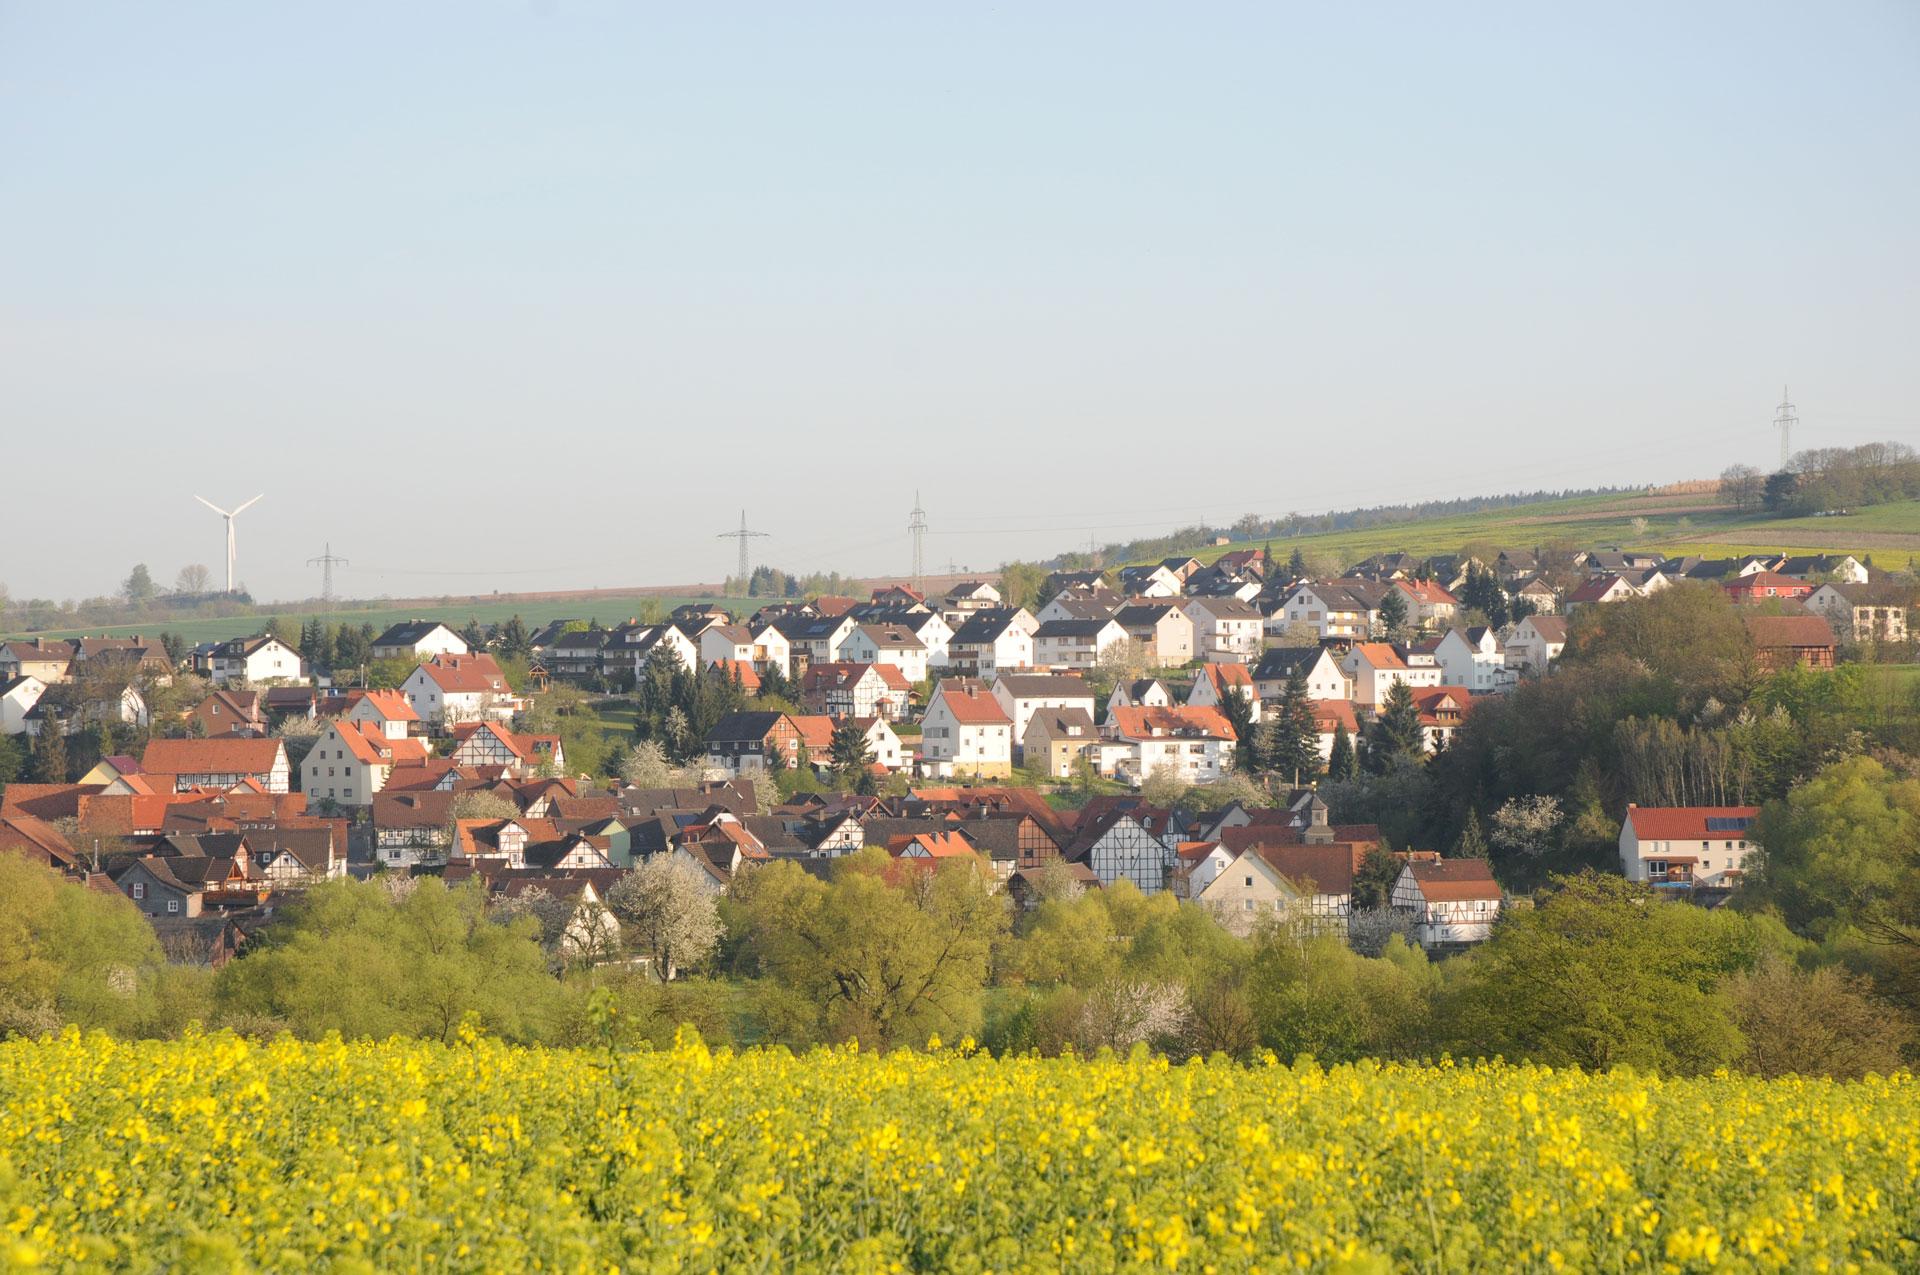 Röhrenfurth